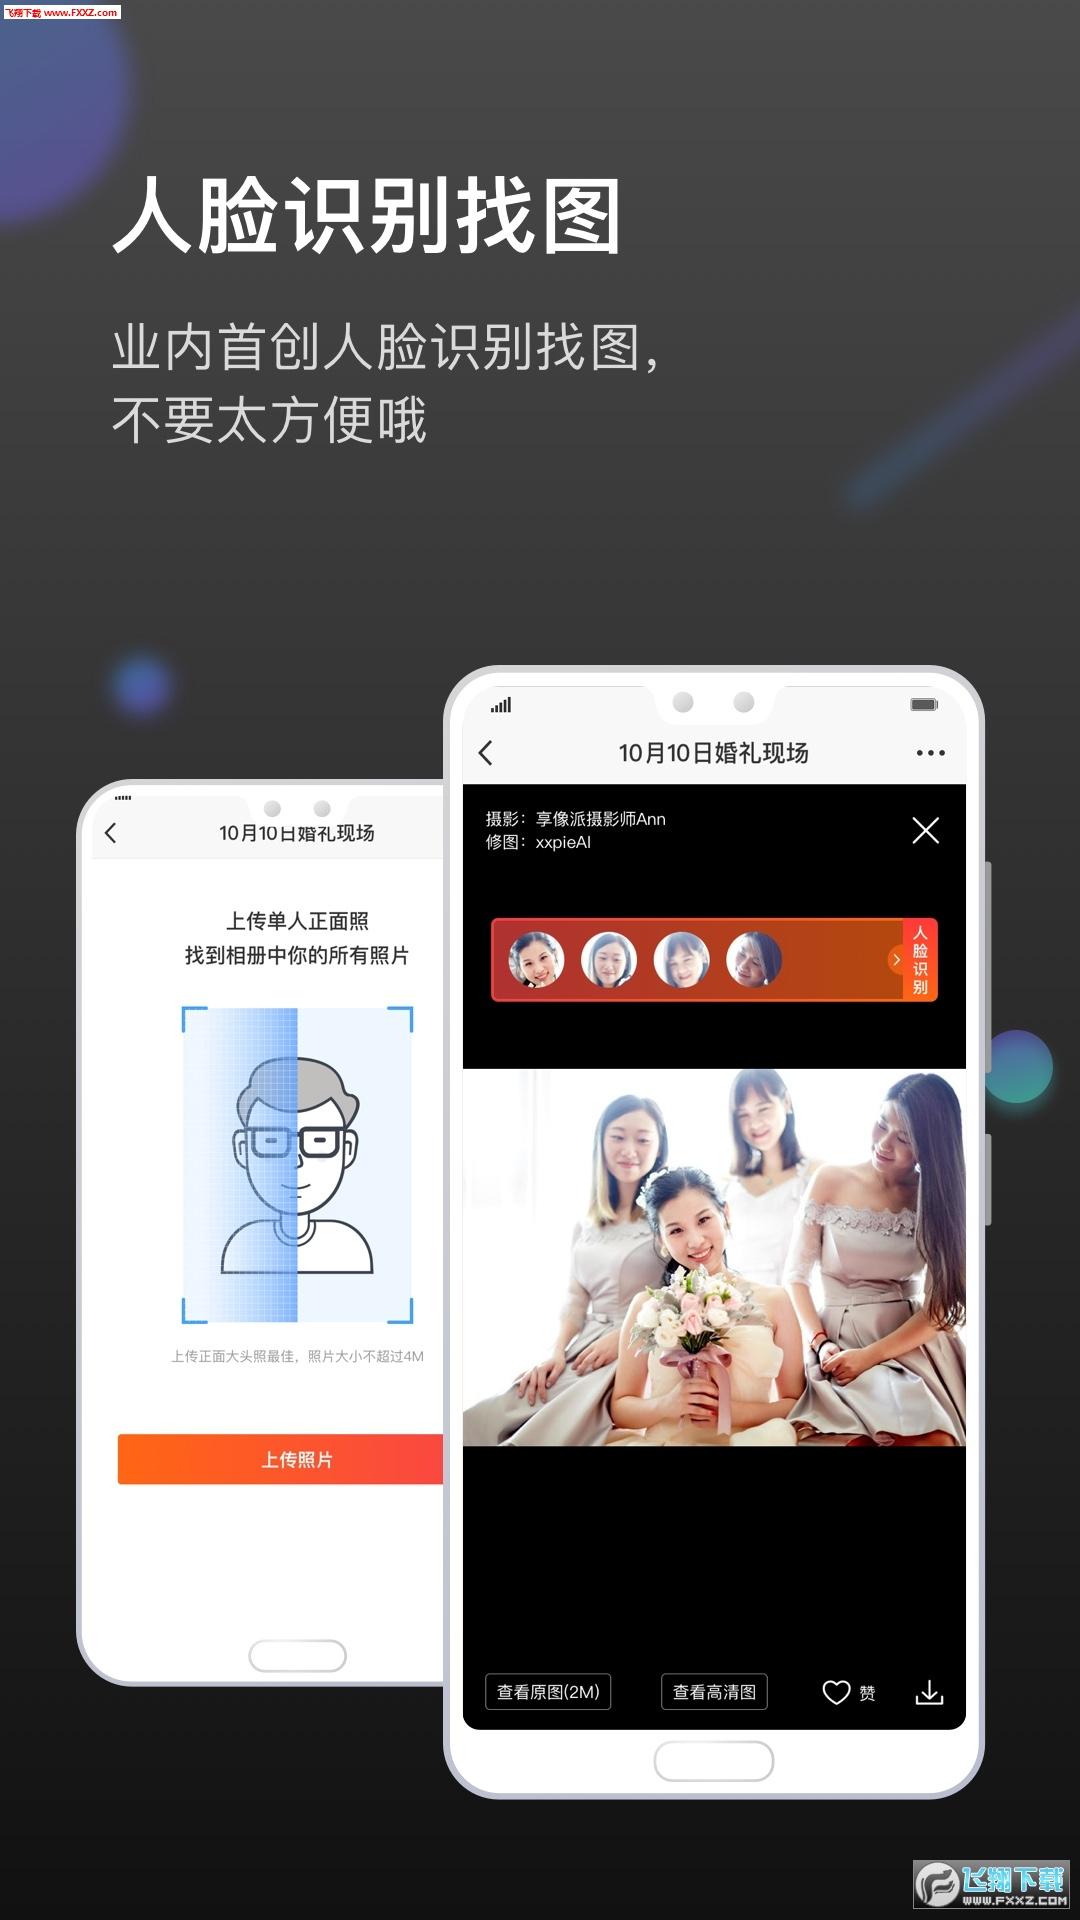 微商相册云摄影享像派app3.3.1截图0